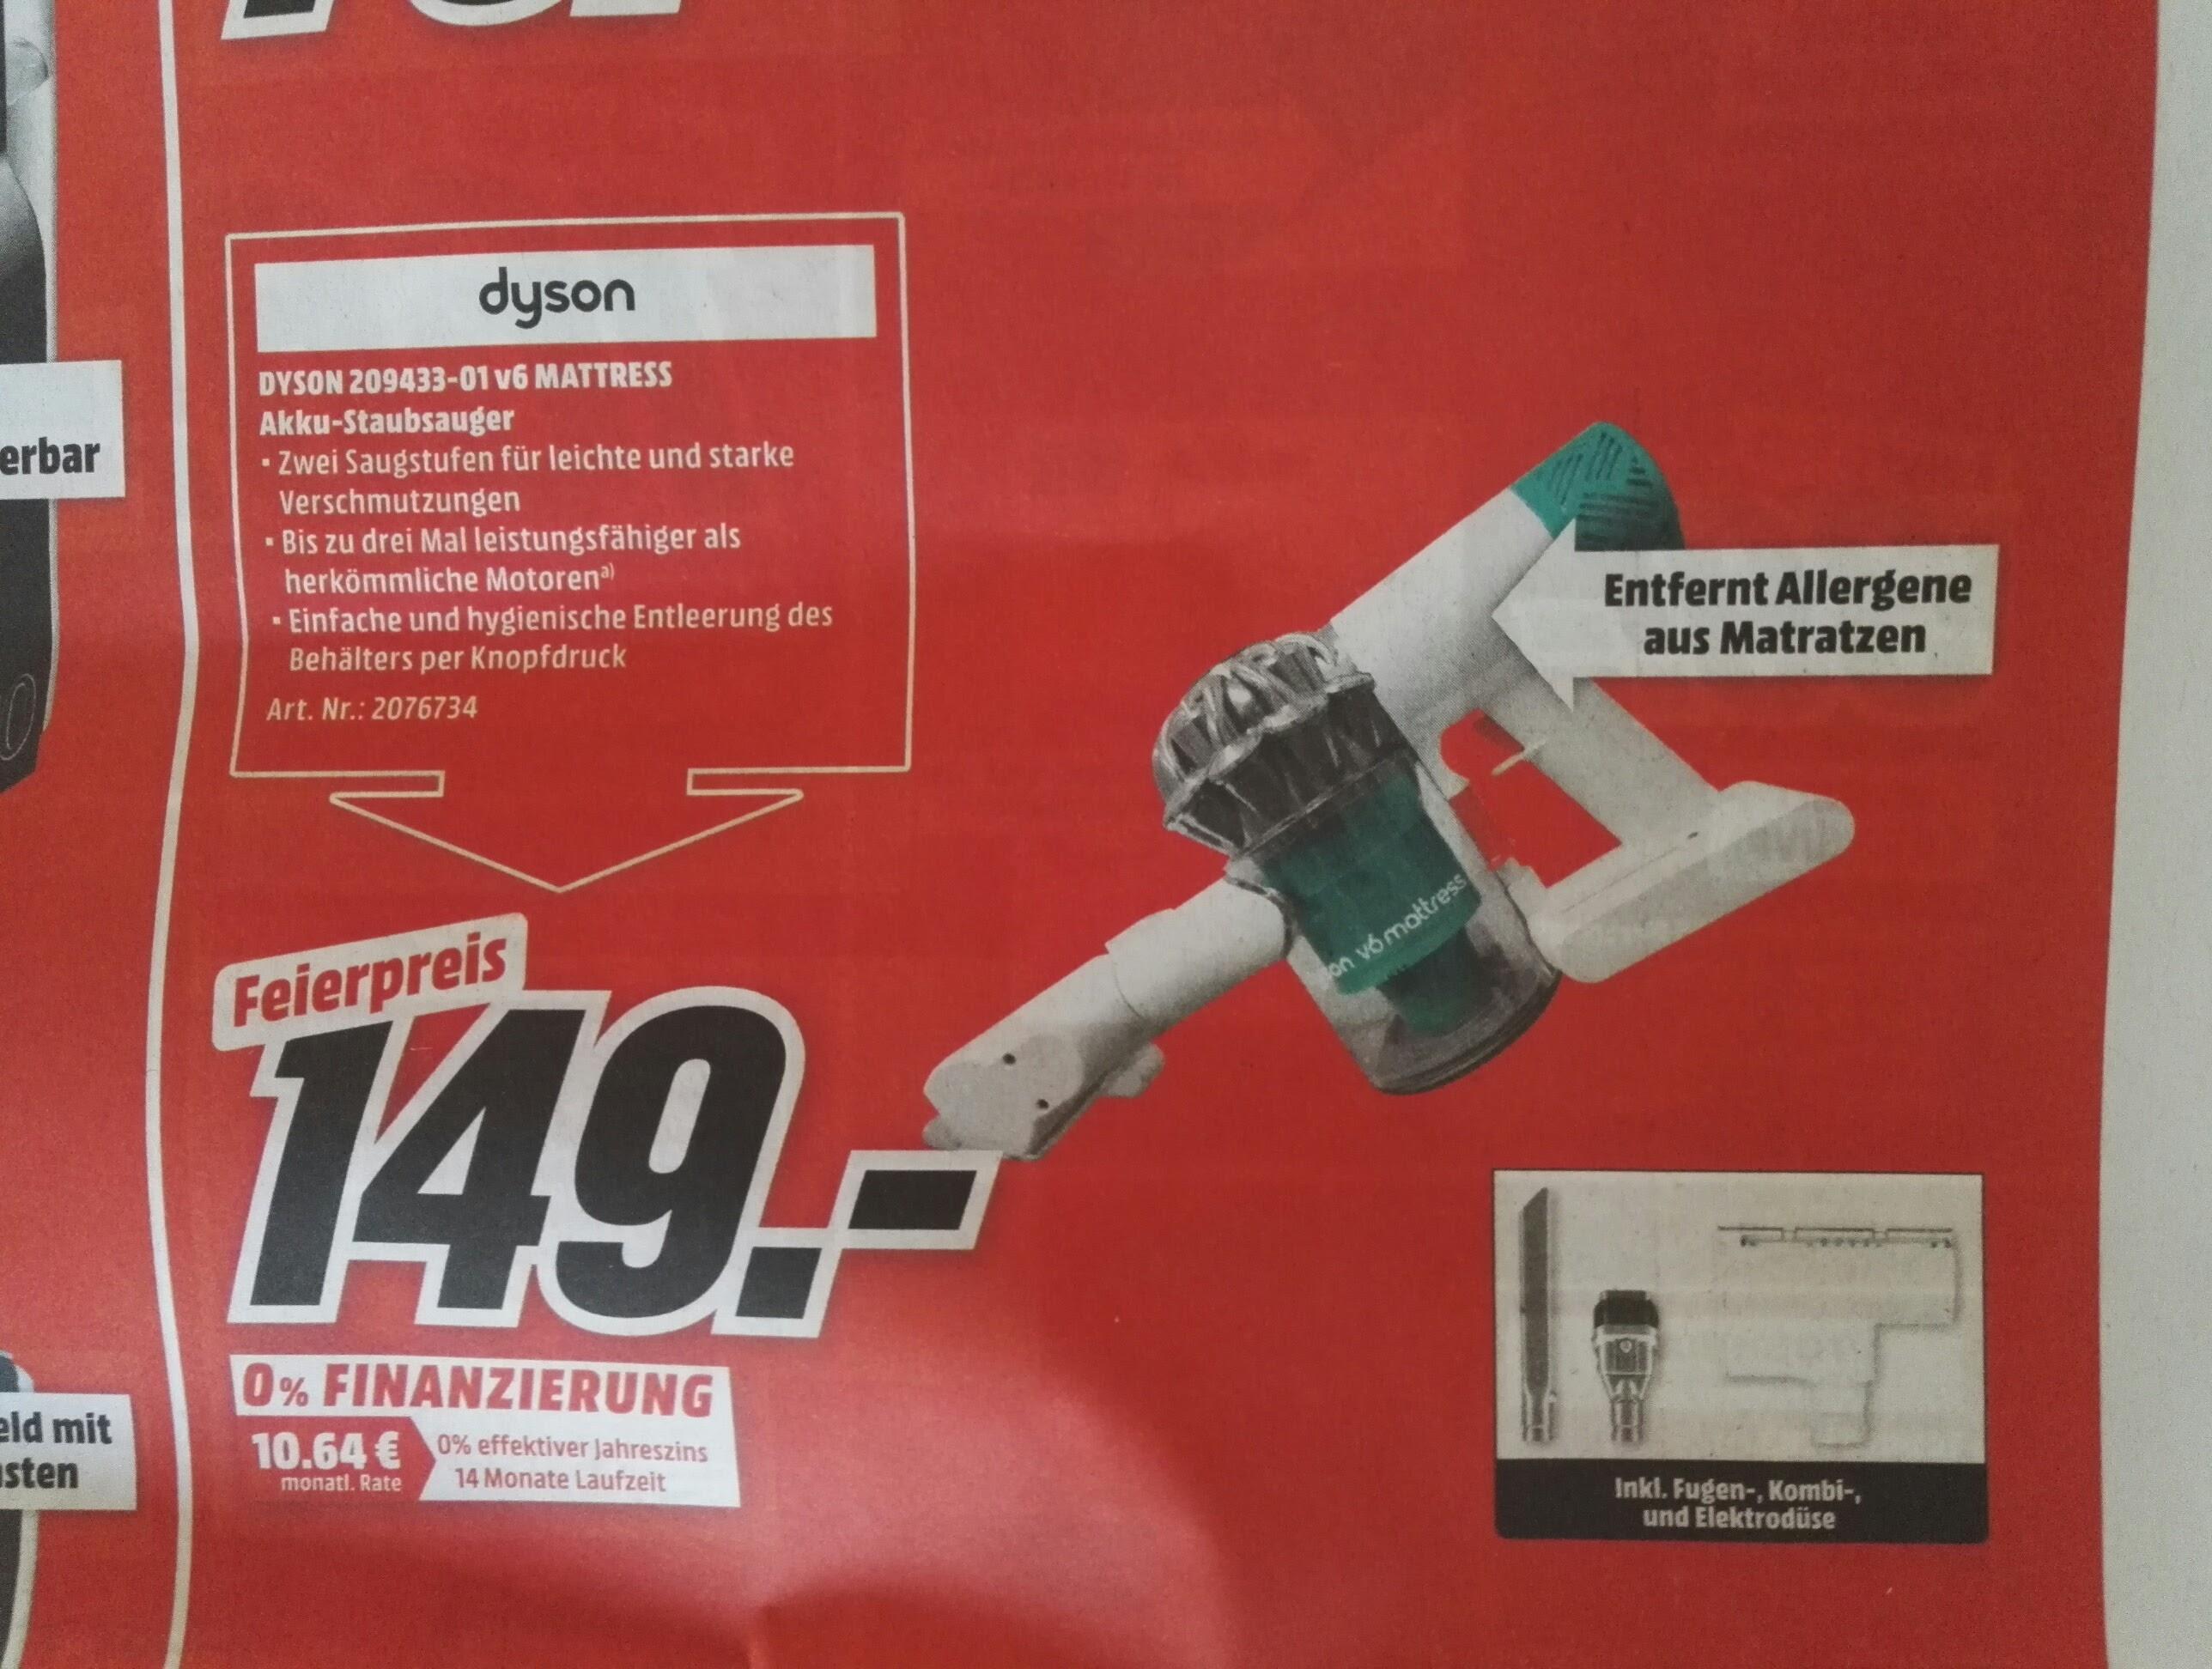 Dyson Mattress V6 für € 149,- bei Mediamarkt